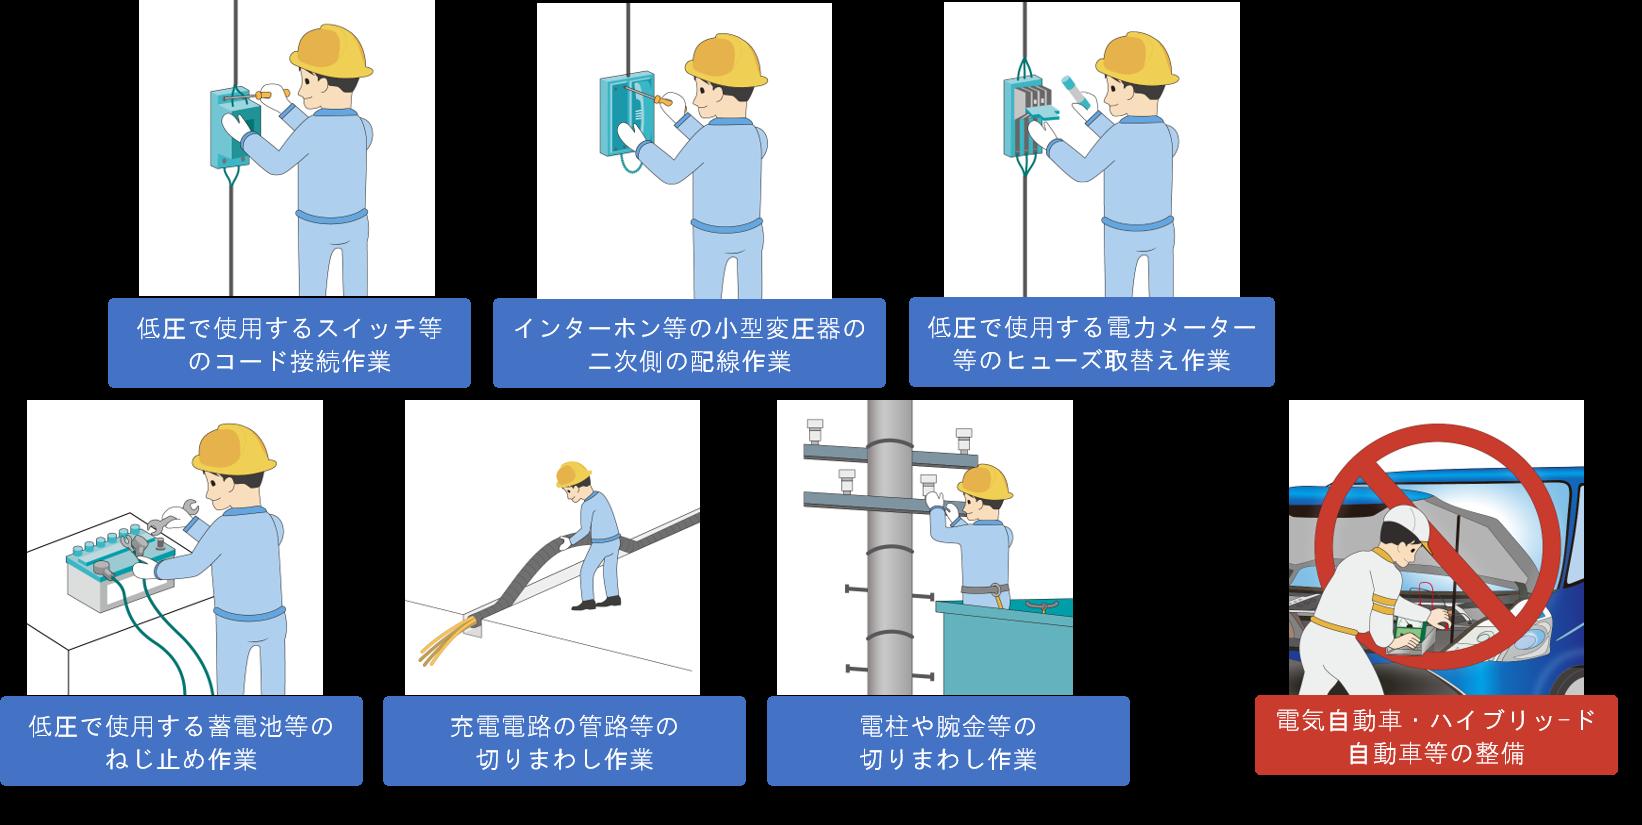 業務 取扱 教育 電気 低圧 特別